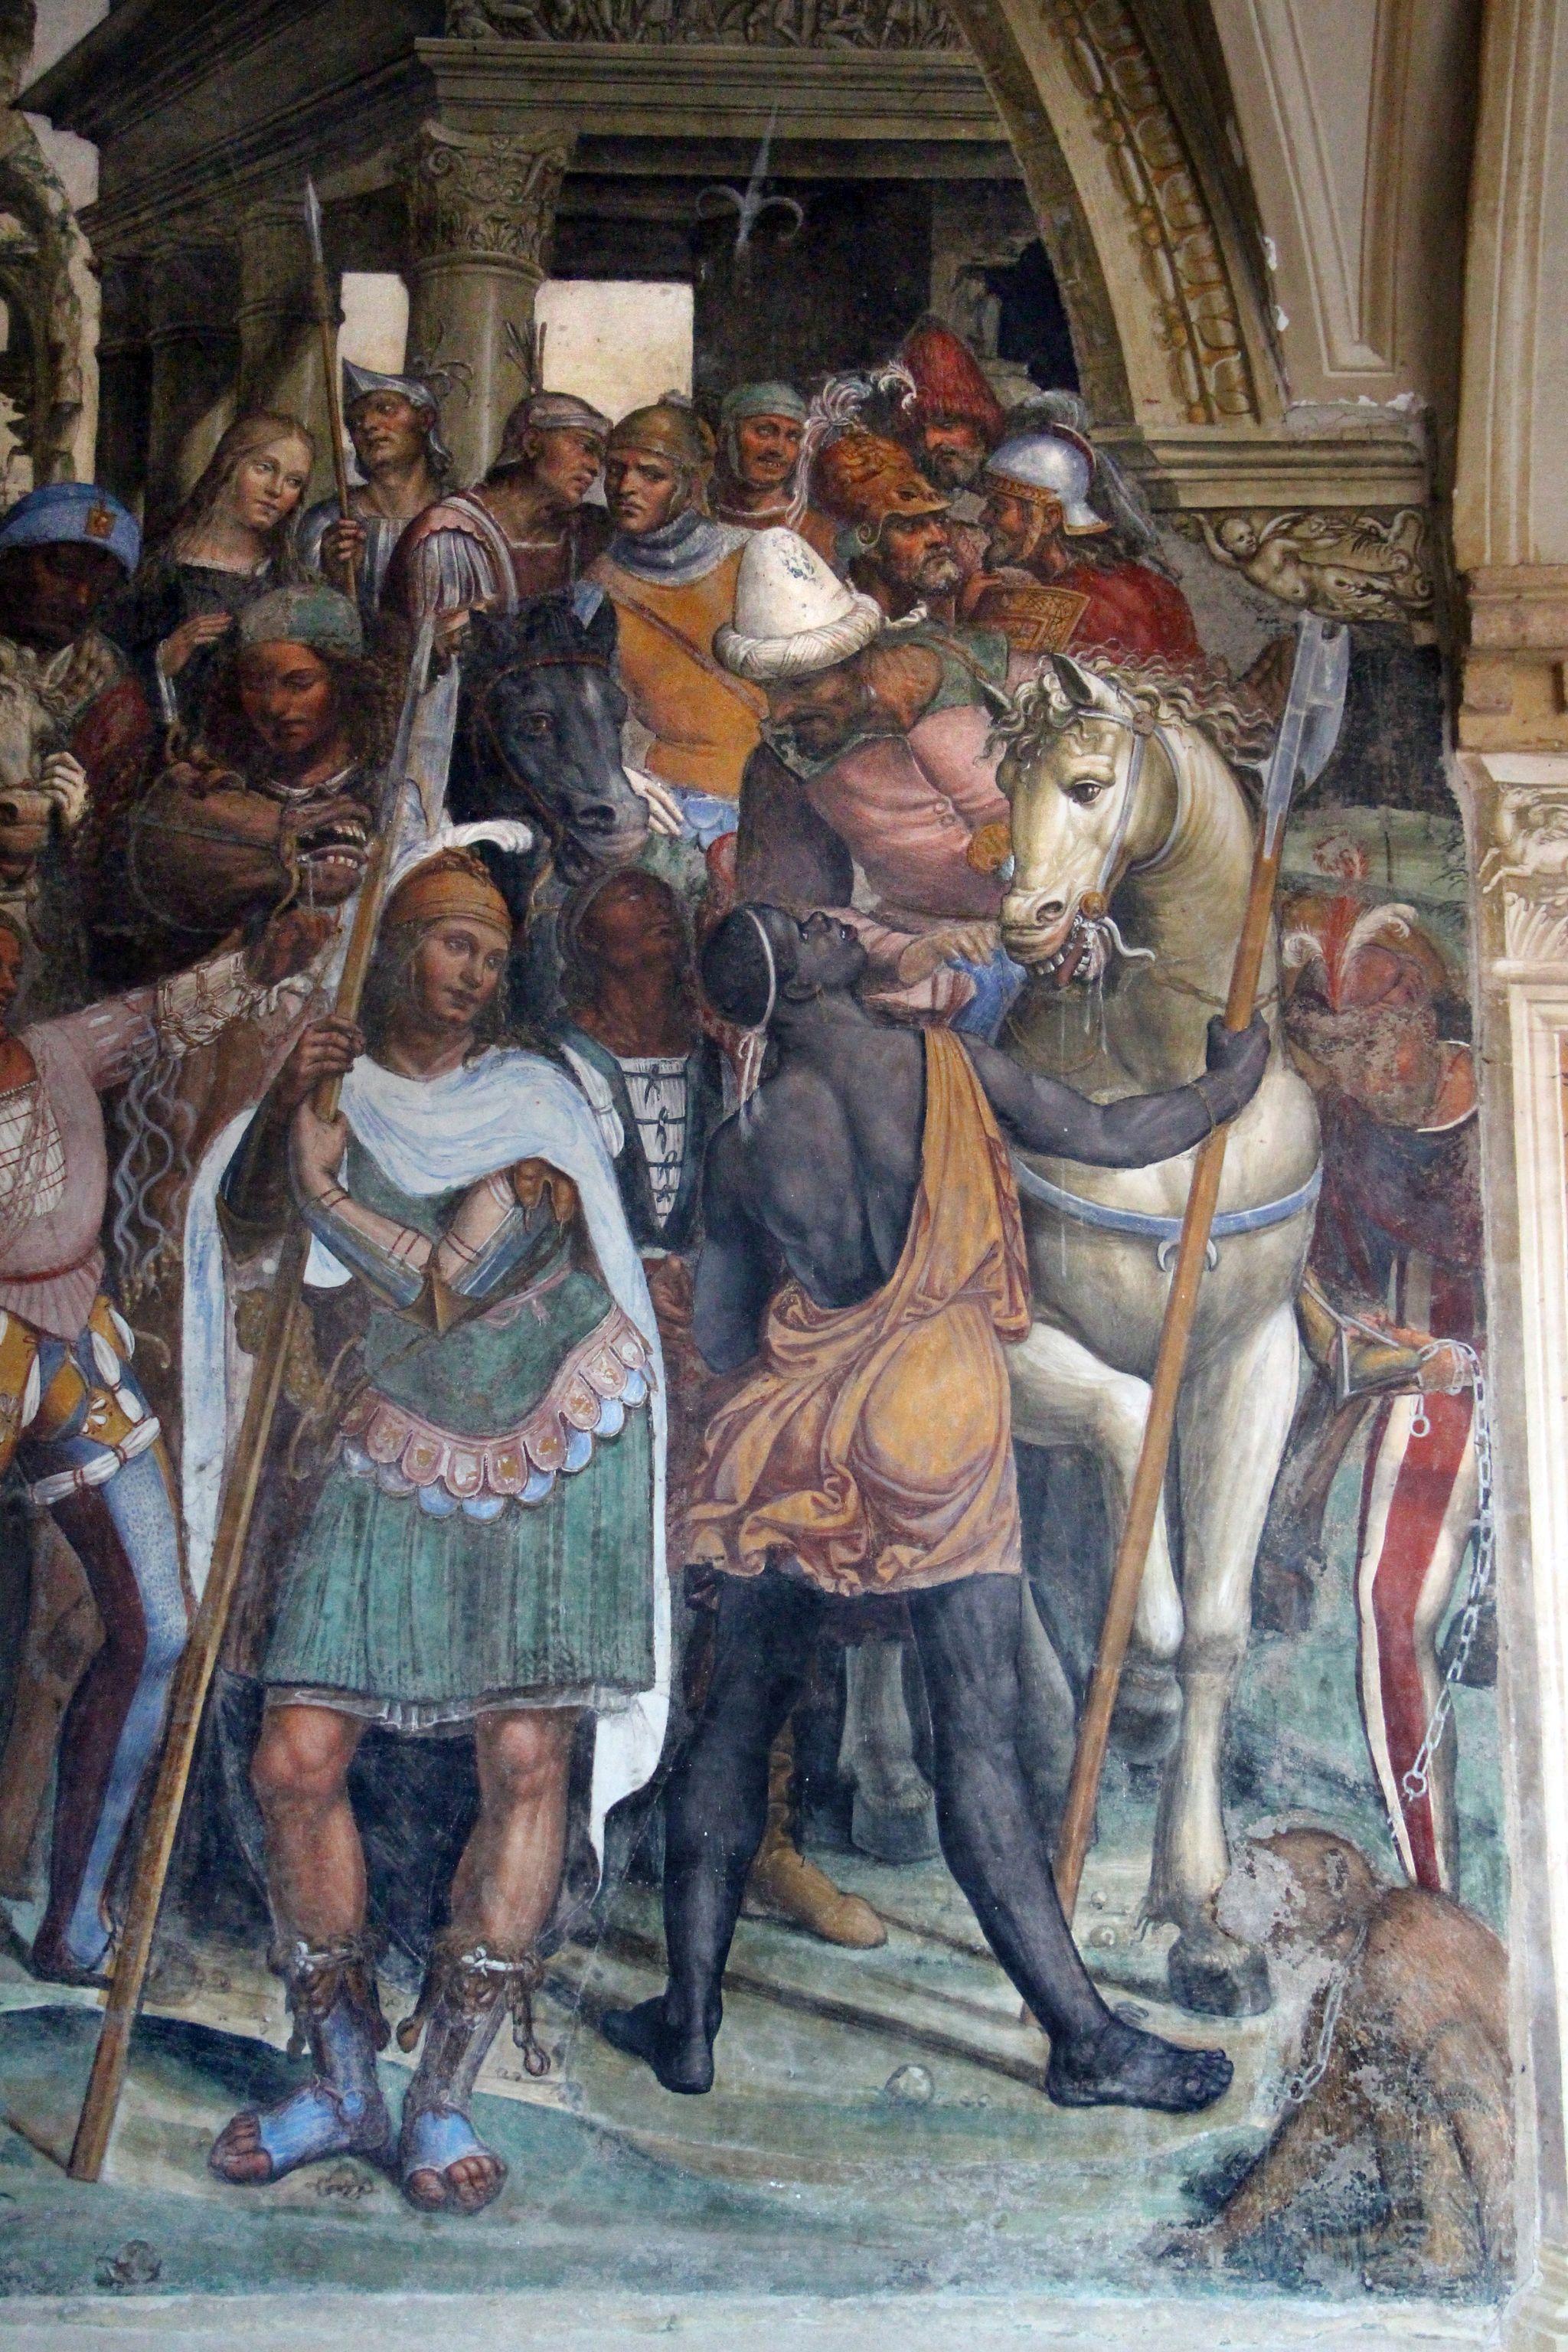 Il Sodoma, Le storie di San Benedetto, Scena 12, Come Benedetto riceve li due giovanetti romani Mauro e Placido, Chiostro Grande dell'Abbazia di Monte Oliveto Maggiore